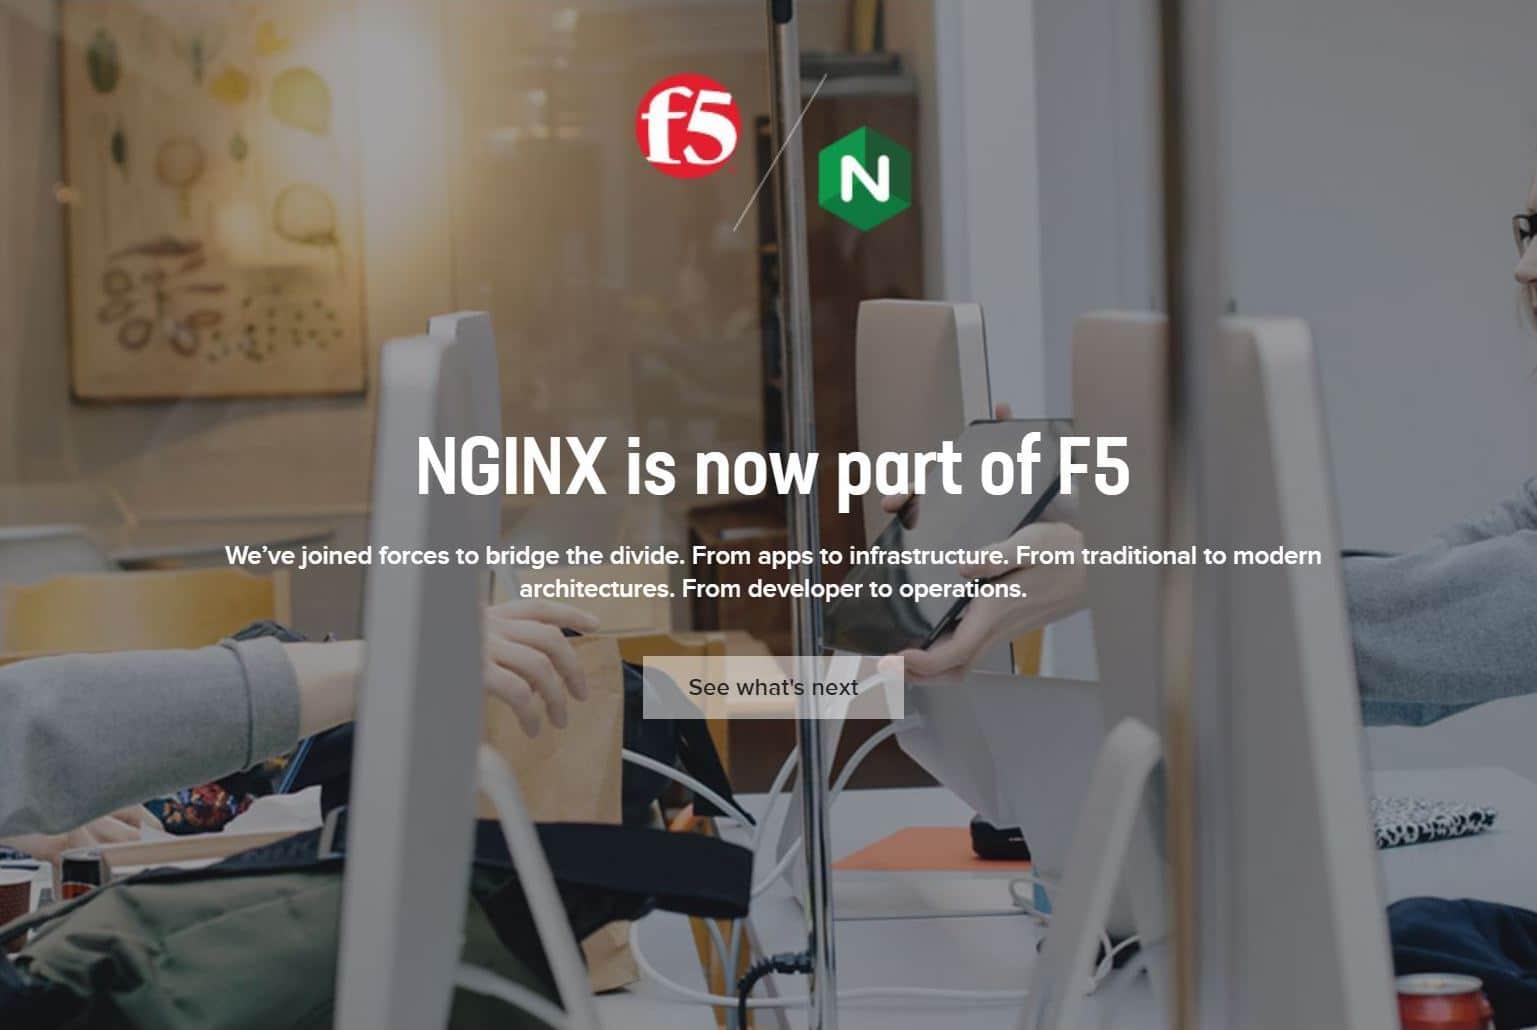 Übernahme von NGINX Inc durch F5 Networks